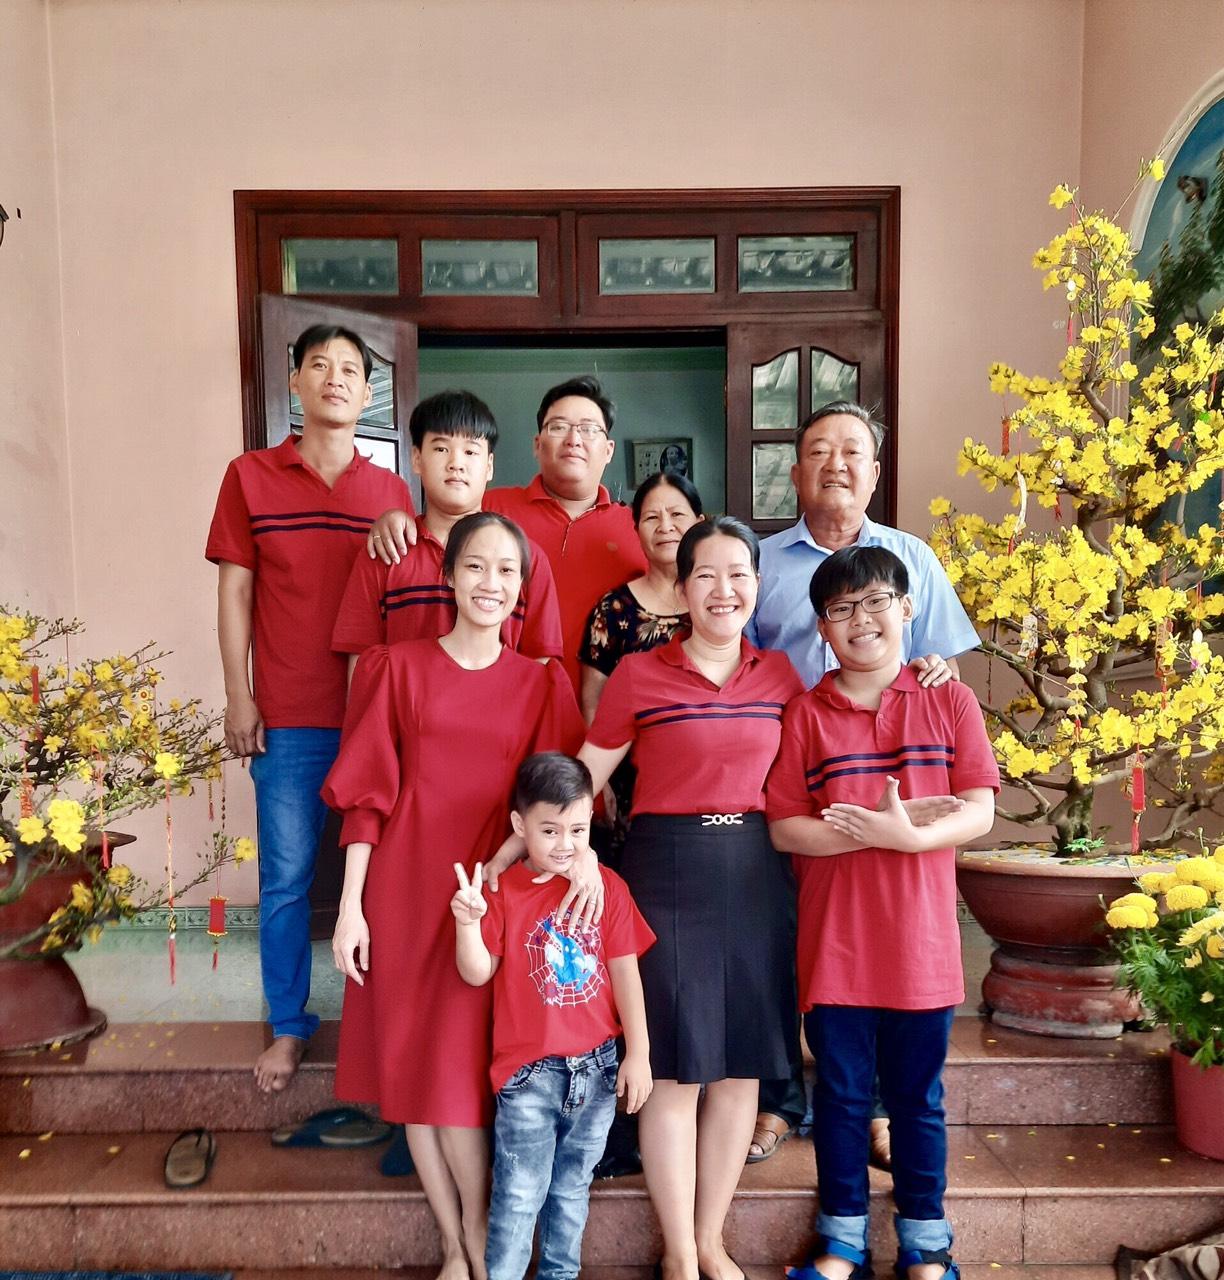 Gia đình ba thế hệ của bà Trương Thị Thu Nga là một tấm gương tại địa phương bởi truyền thống hiếu học và có nheièu đóng góp chp hoạt động tại địa phương